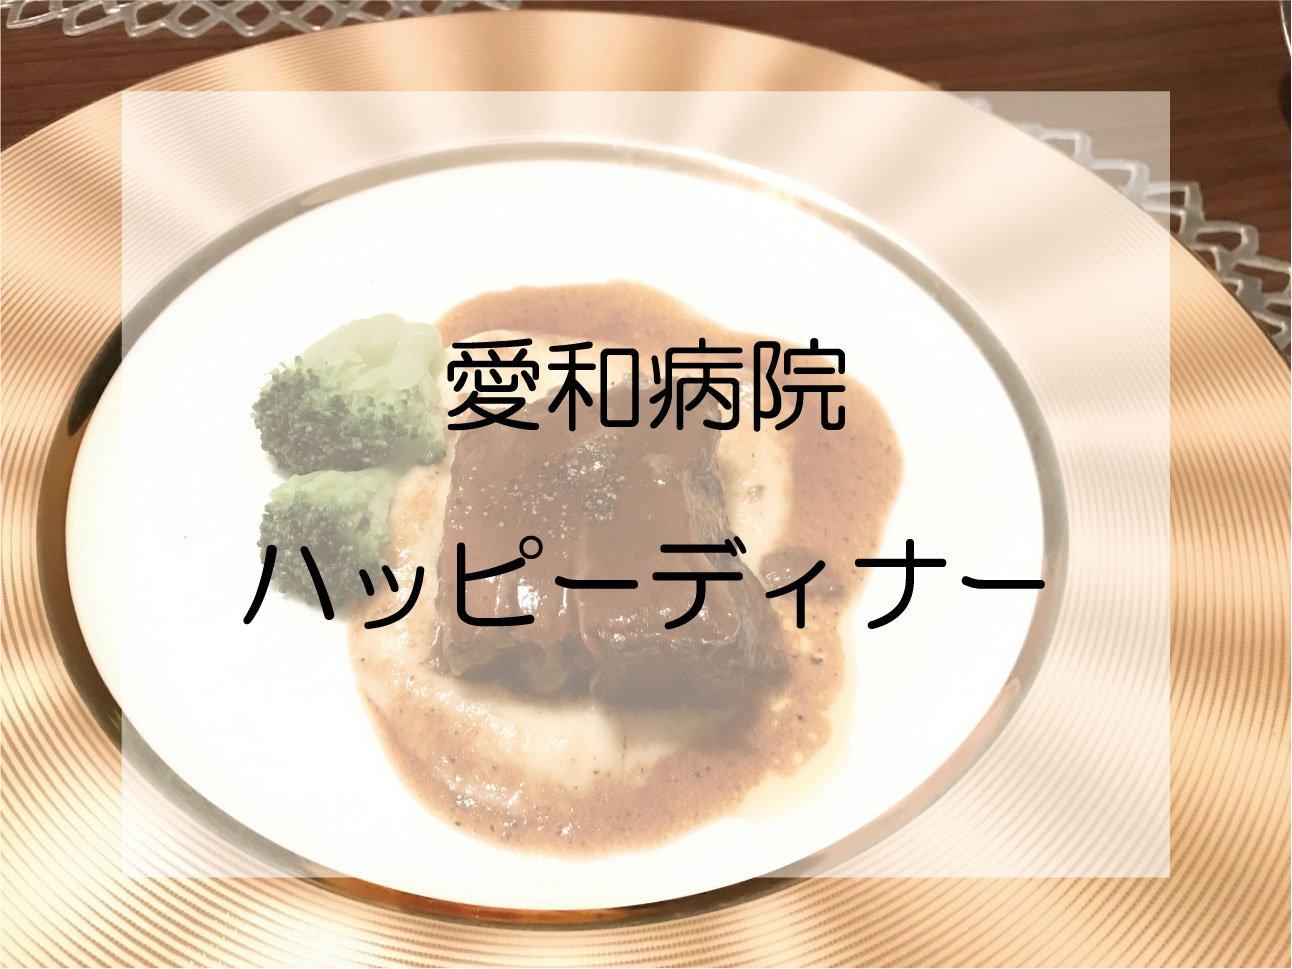 川越市「愛和病院」のハッピーディナーを食べてみた